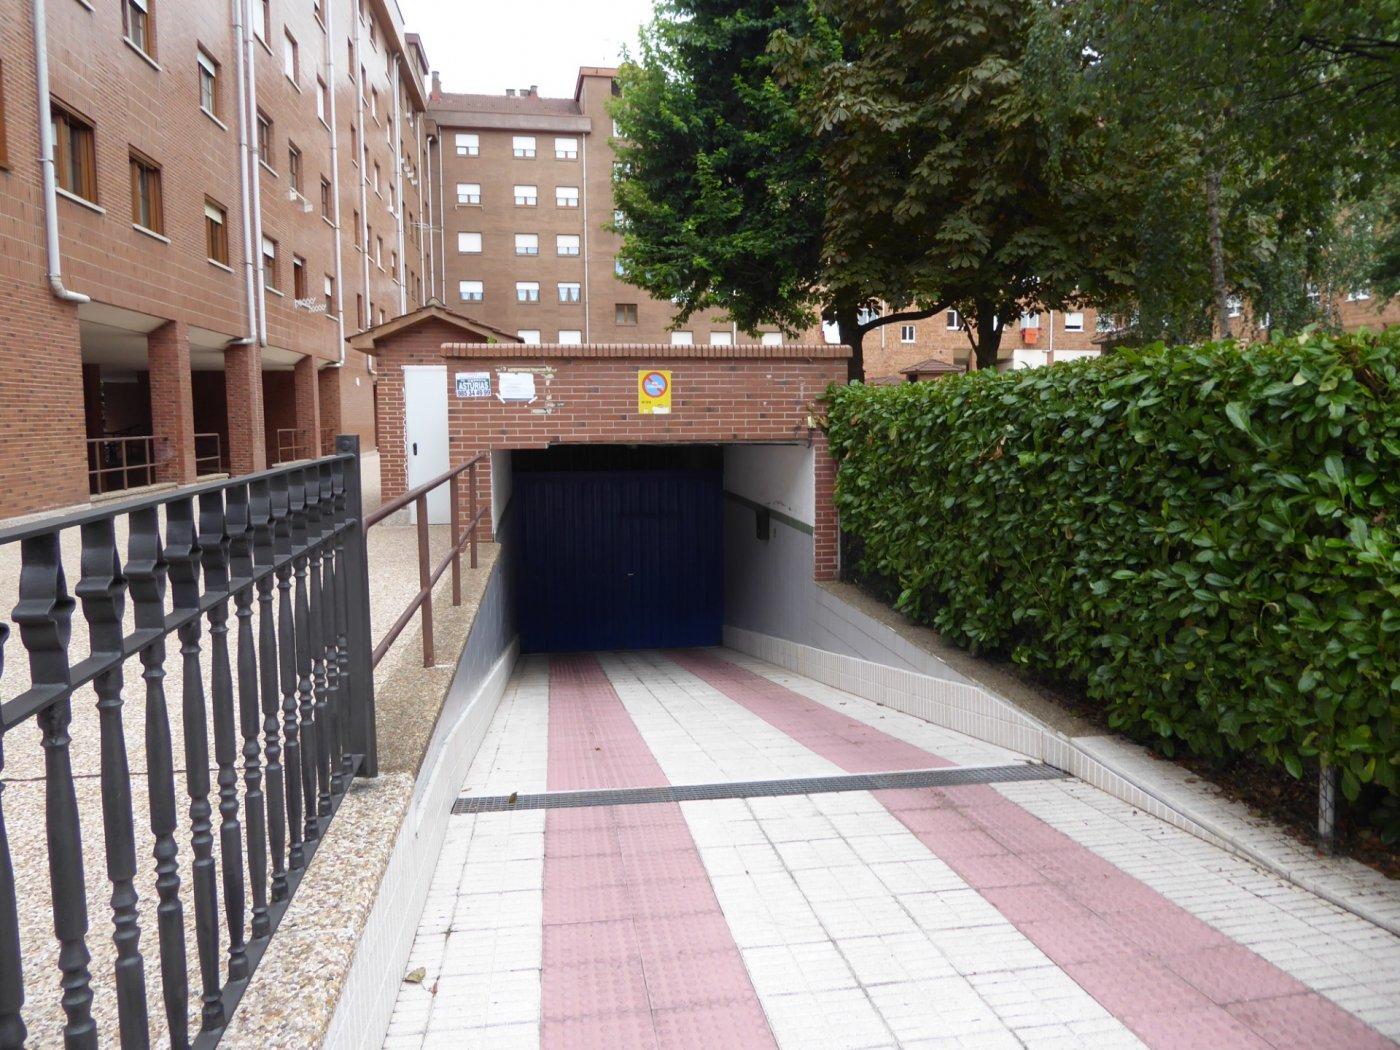 Plaza de garaje en la calle picasso 2-4 - imagenInmueble3